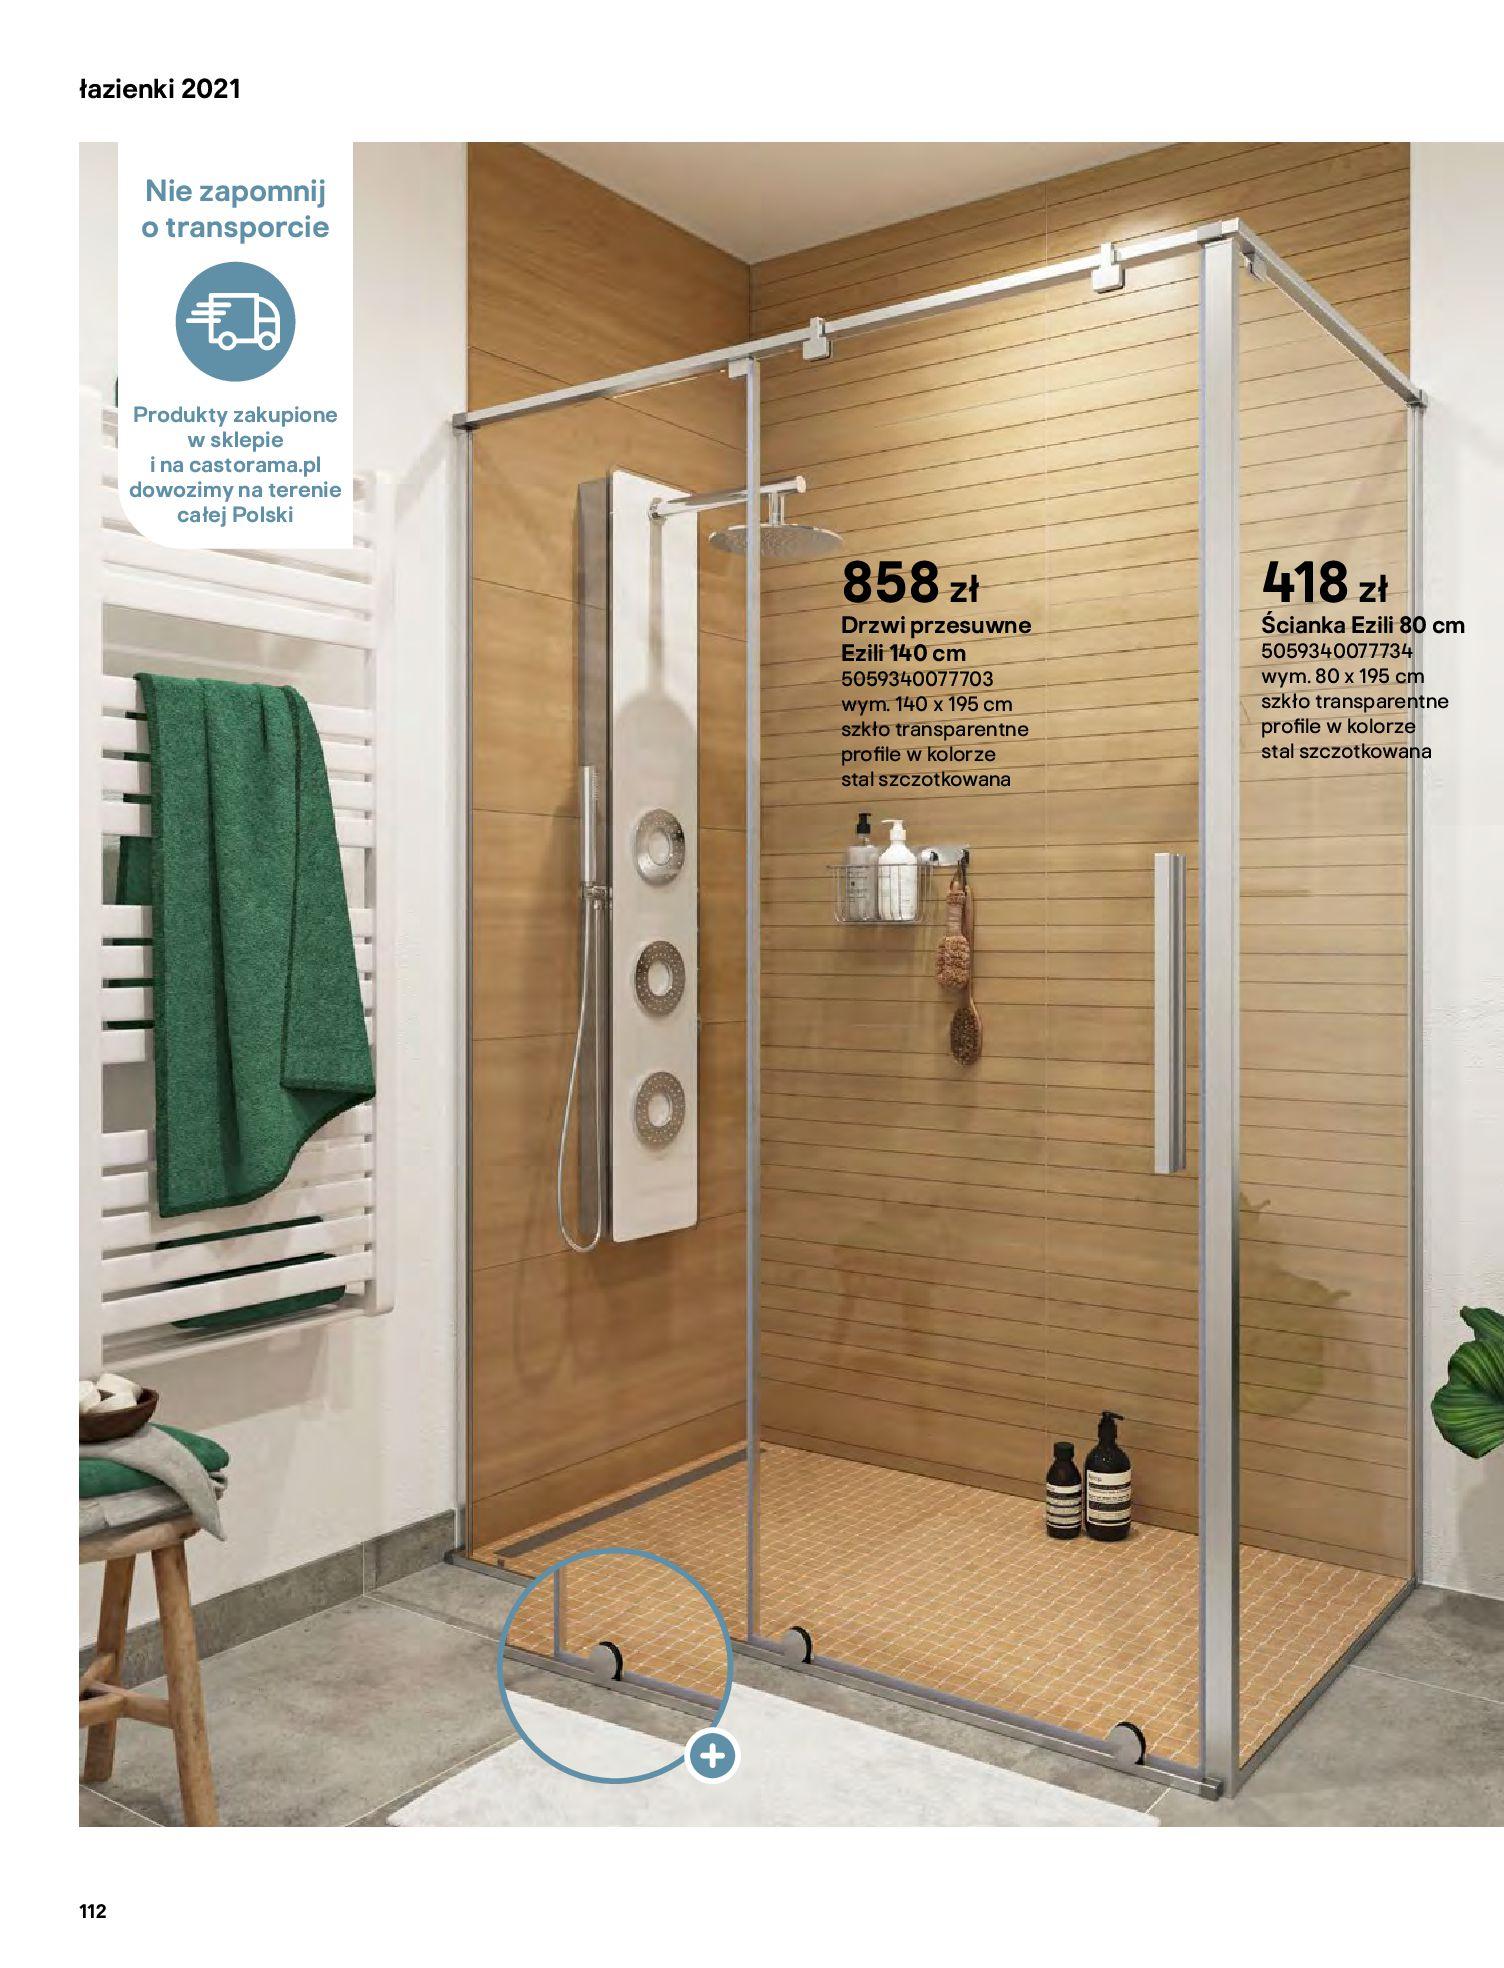 Gazetka Castorama: Gazetka Castorama - katalog łazienki 2021 2021-06-16 page-112